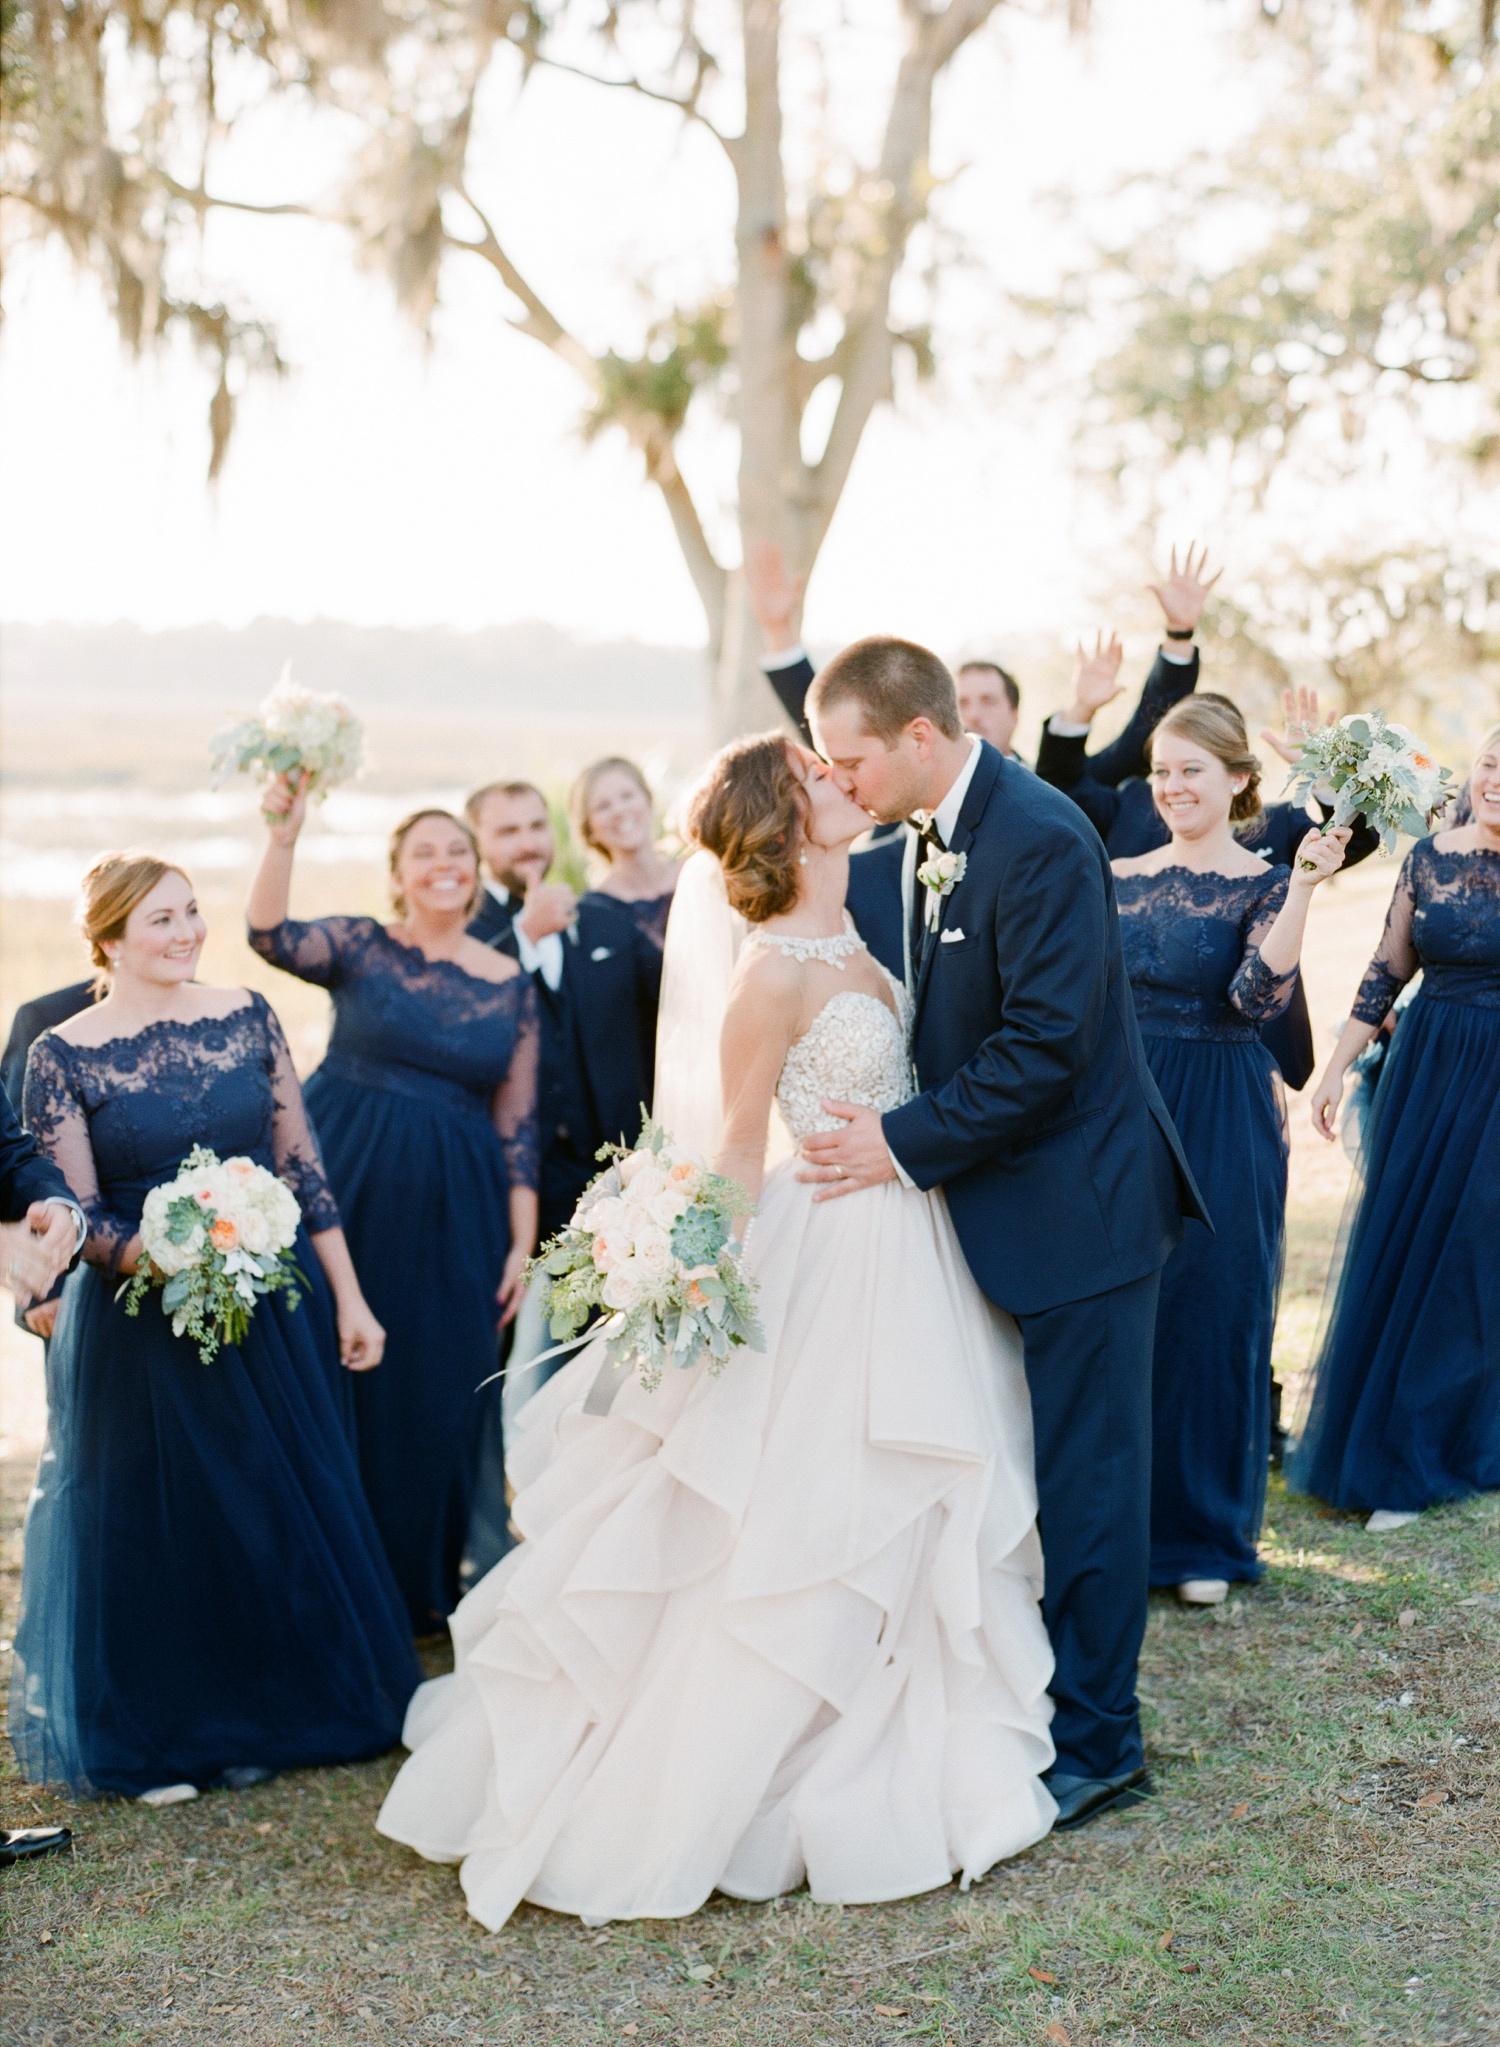 Beautfort-Wedding-Photographer_0033.jpg